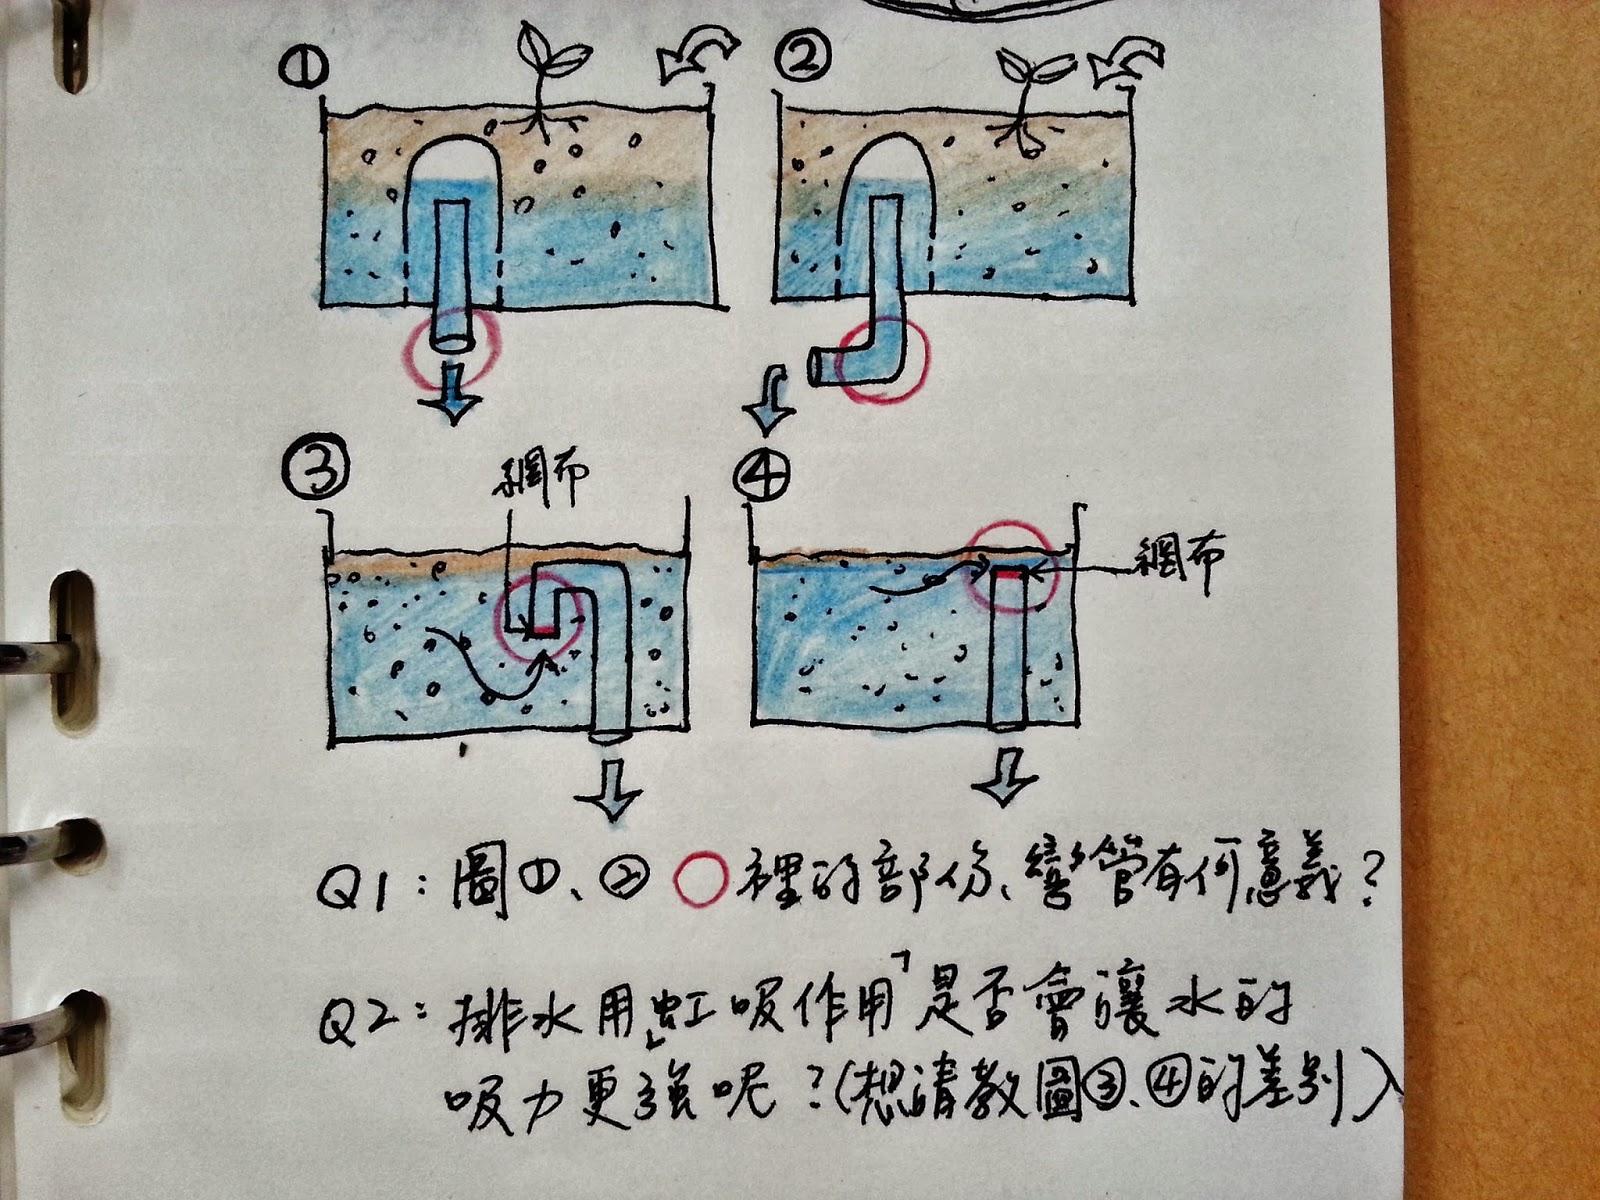 連通管原理與應用